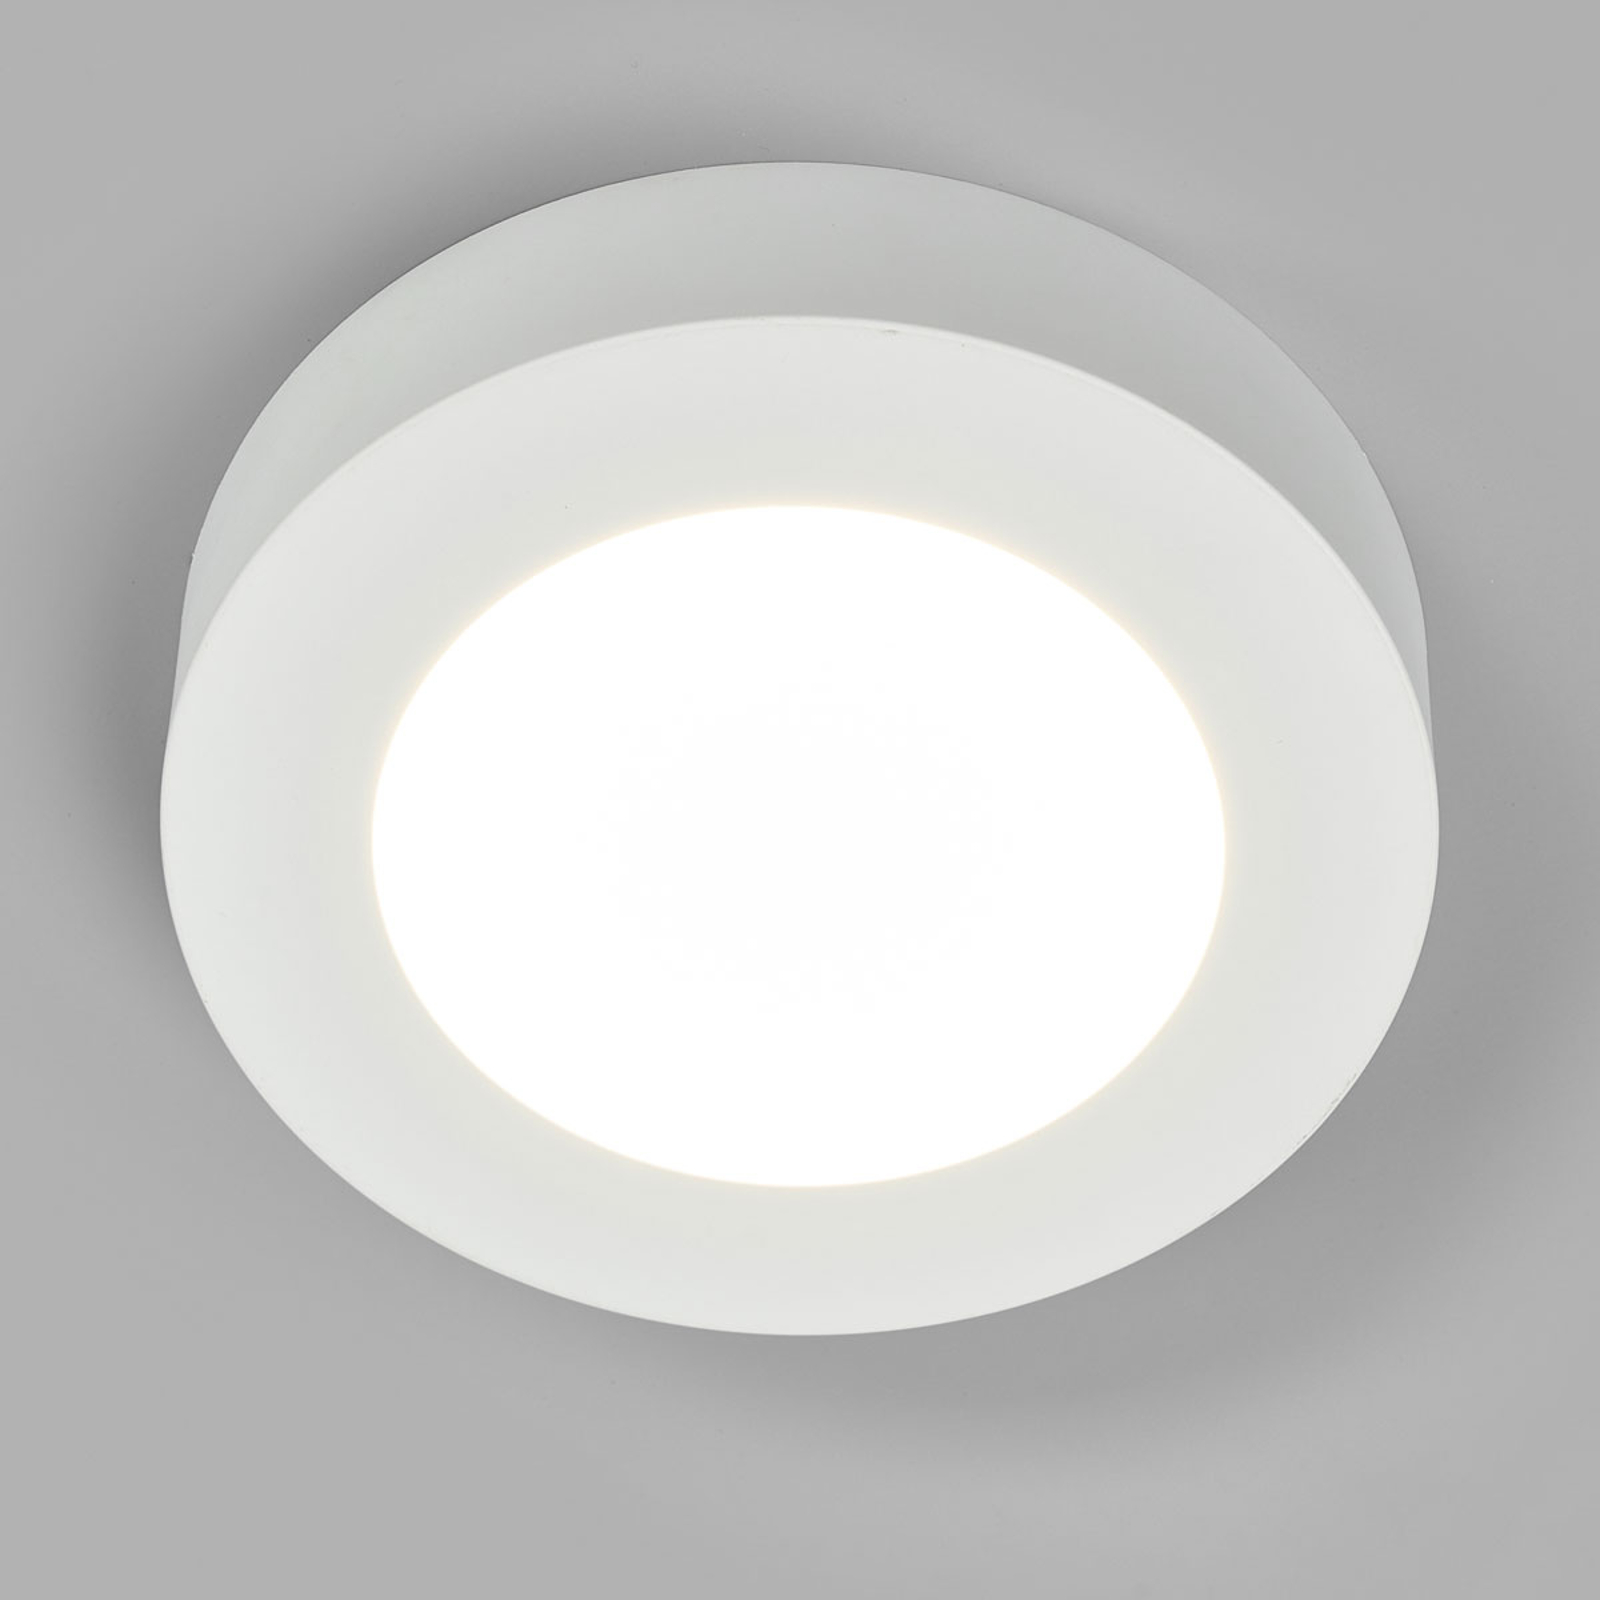 LED-taklampe Marlo, hvit, 4000K rund 18,2cm